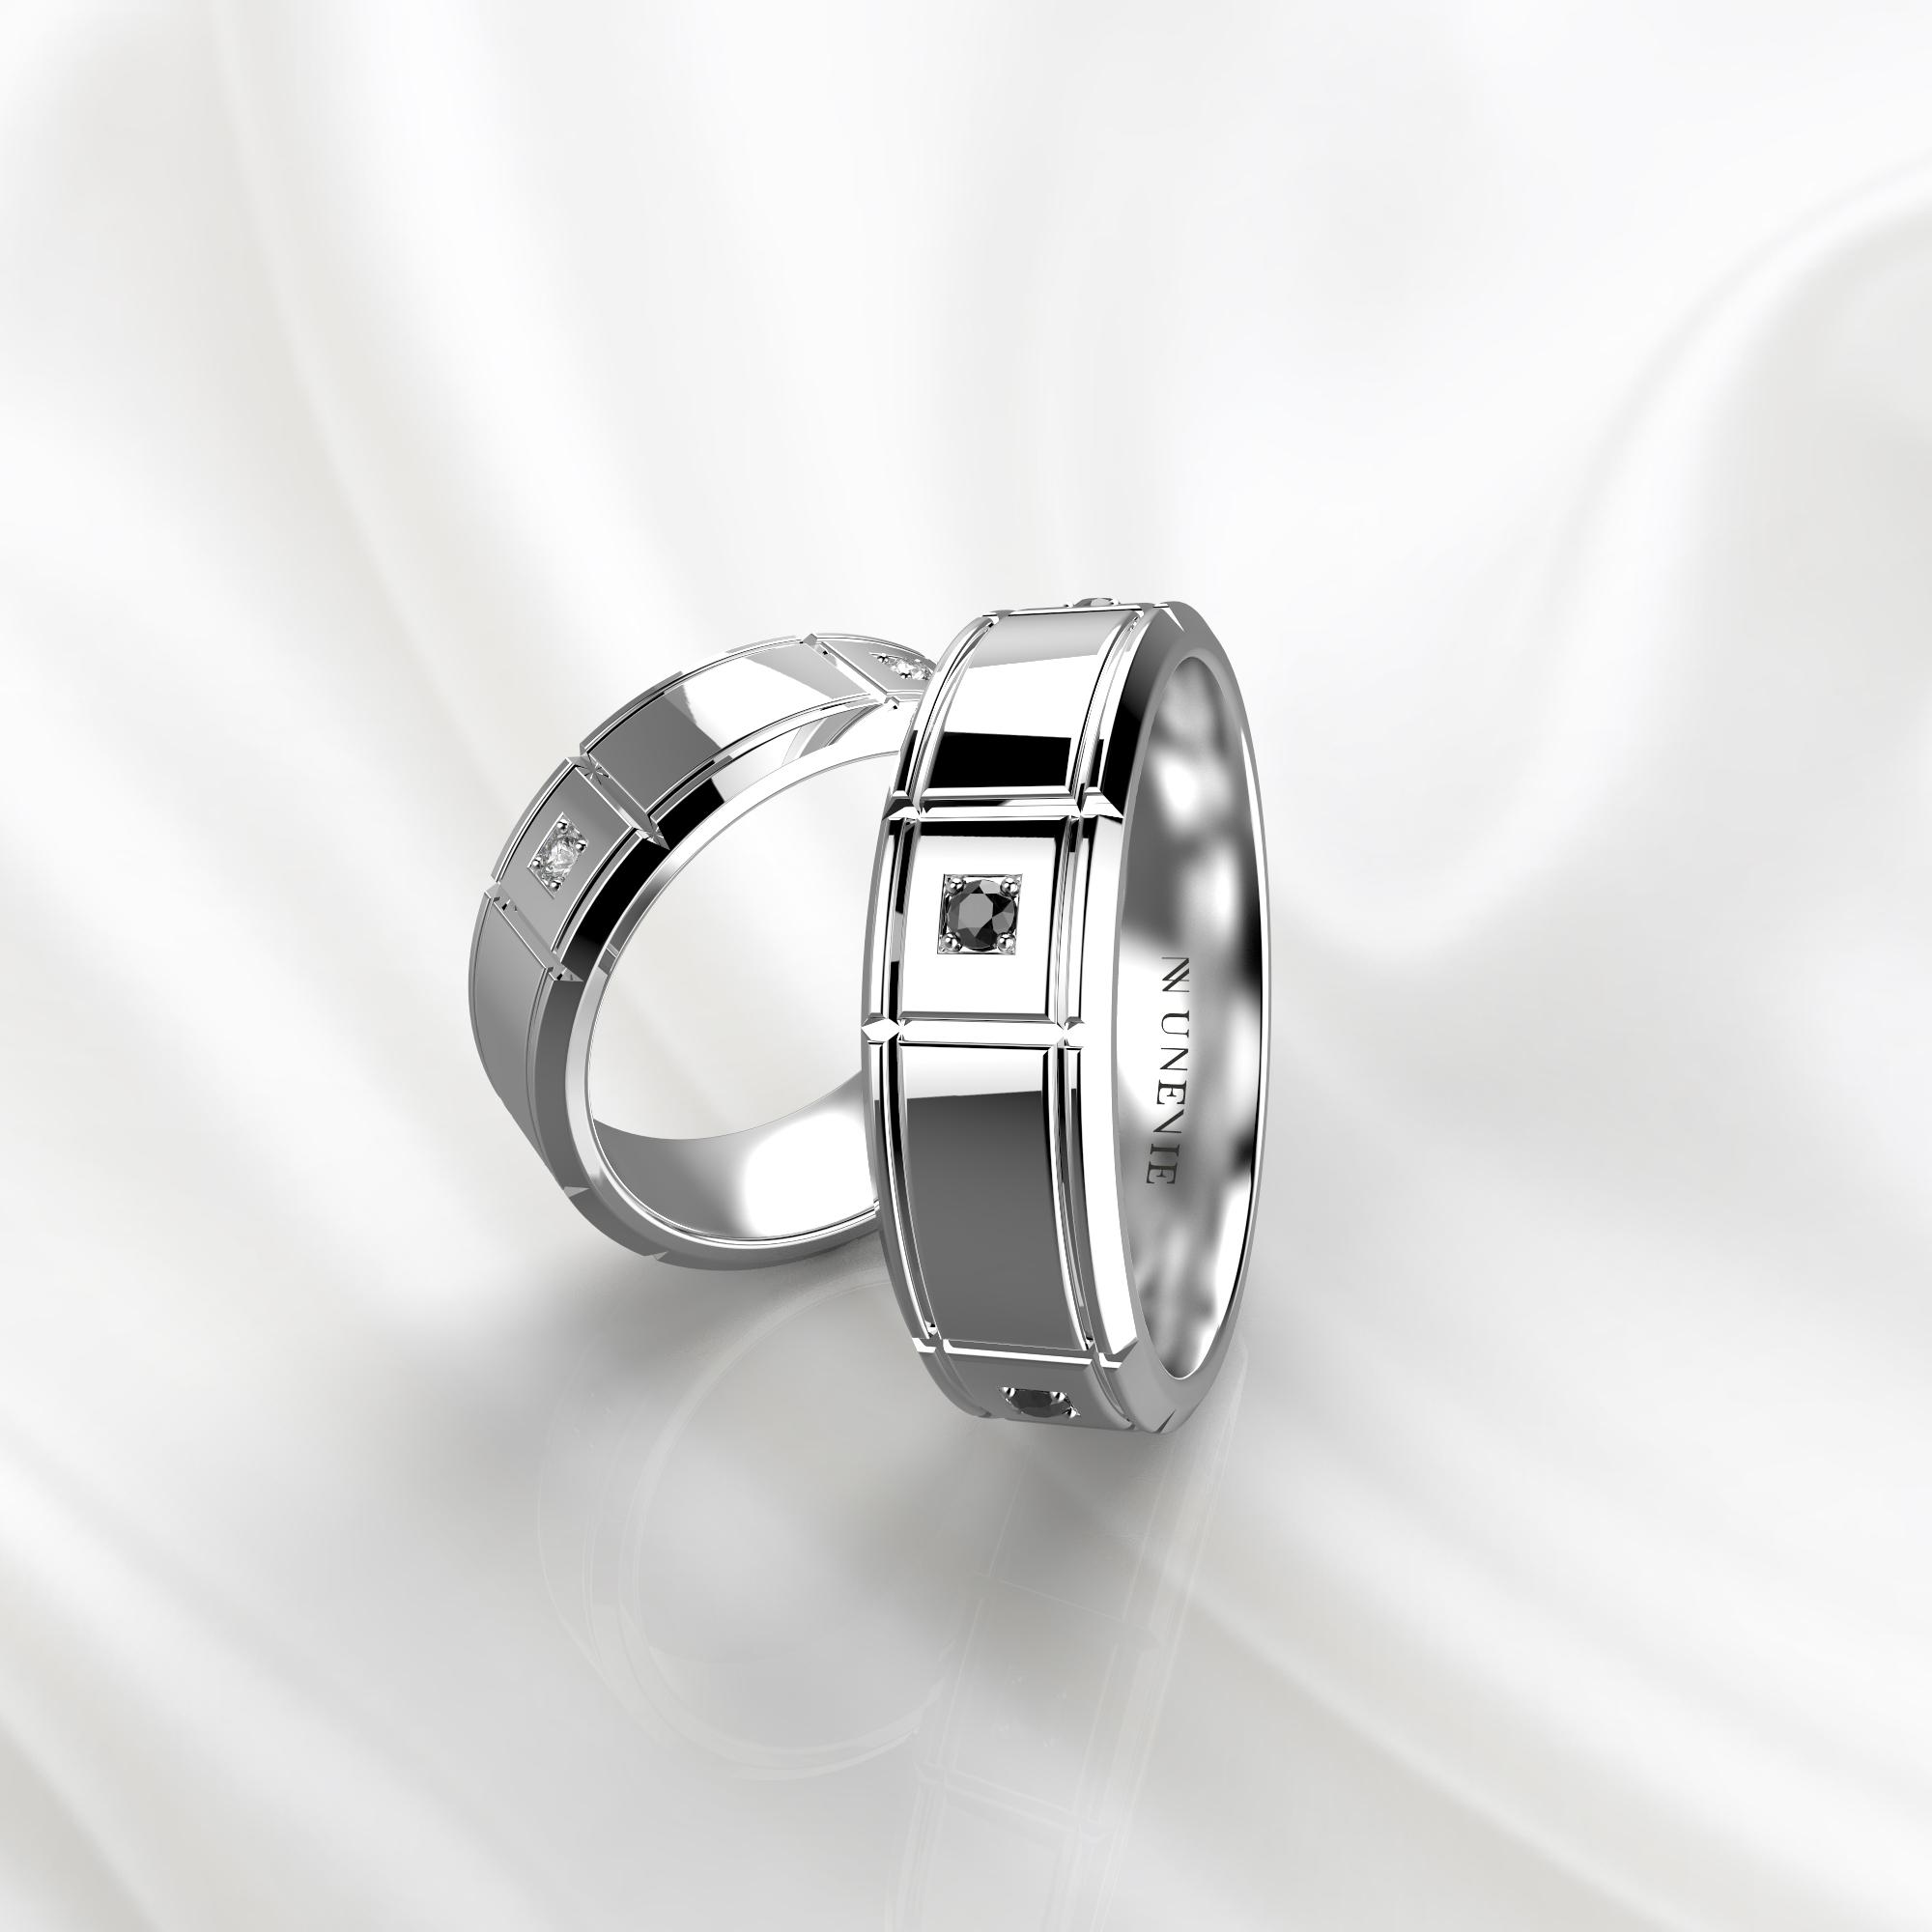 NV76 Парные обручальные кольца из белого золота с черными бриллиантами